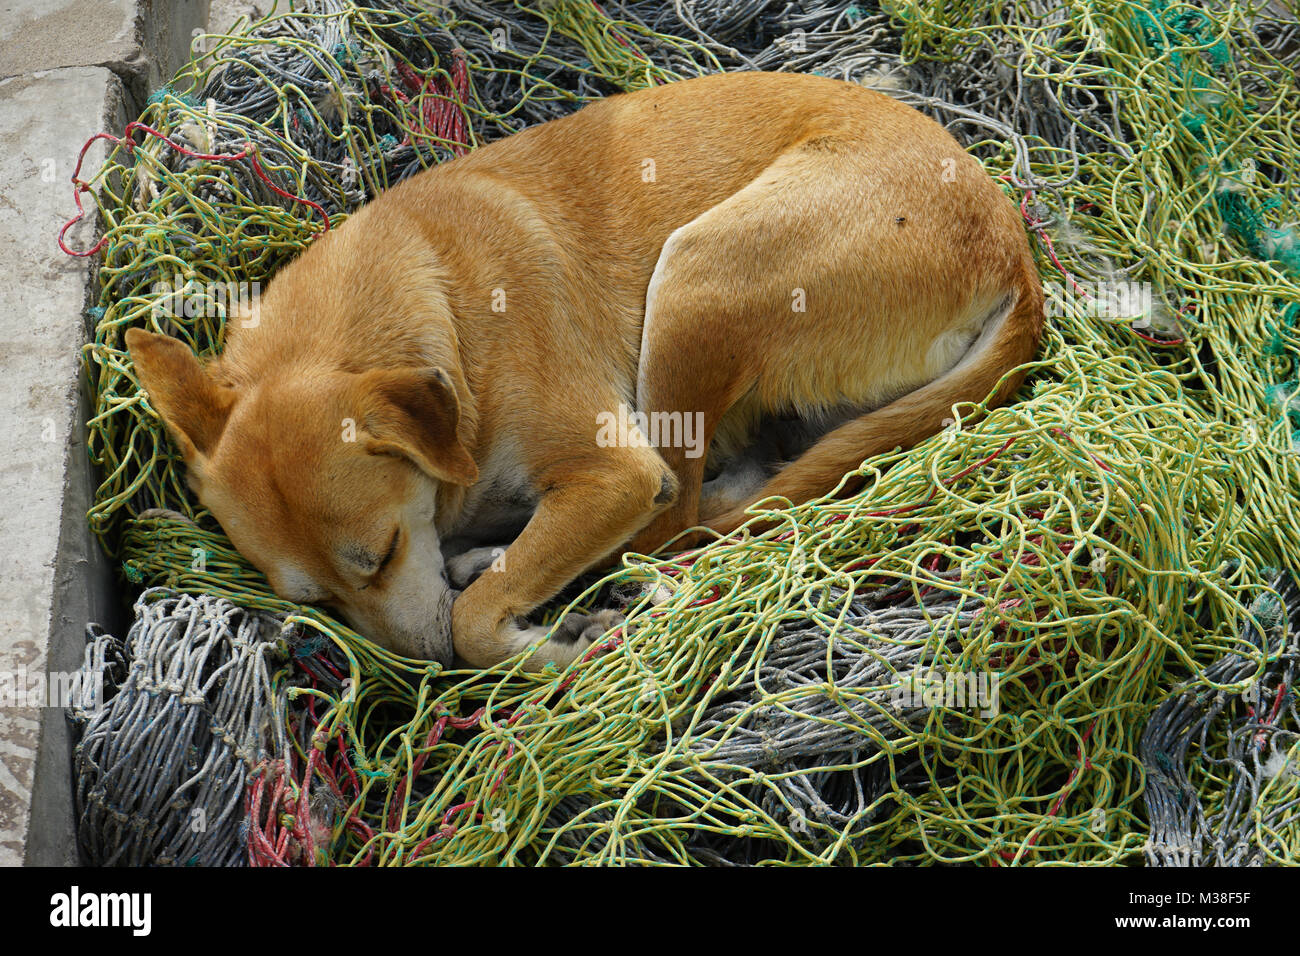 dog sleeping on fishnet, Mindelo, Cape Verde - Stock Image